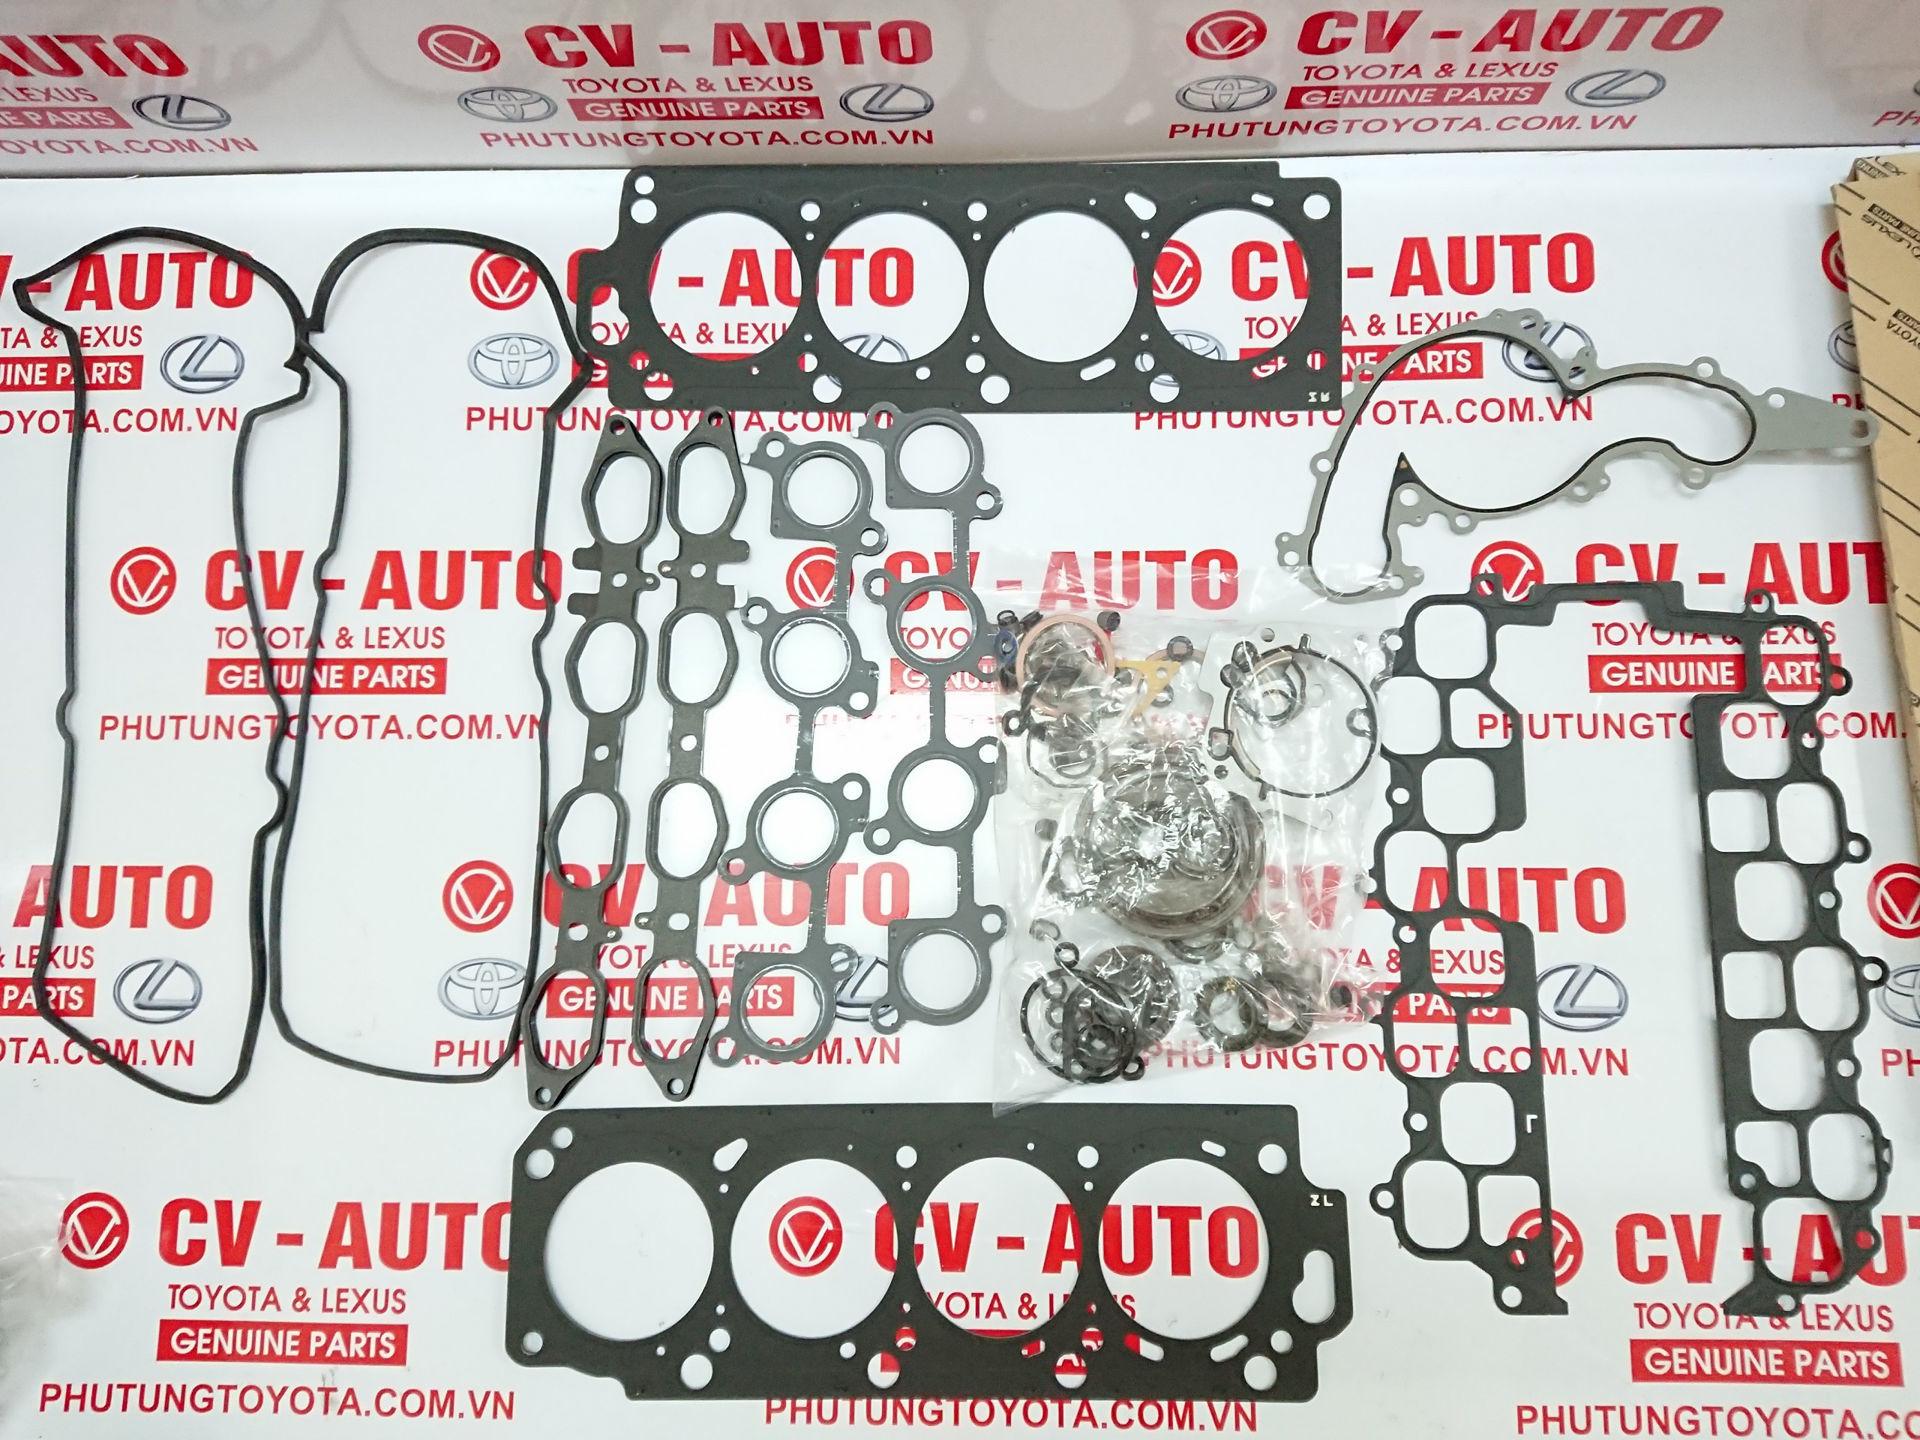 Picture of 04111-50180 Gioăng đại tuToyota, Lexus LX470 GX470 2UZ hàng chính hãng